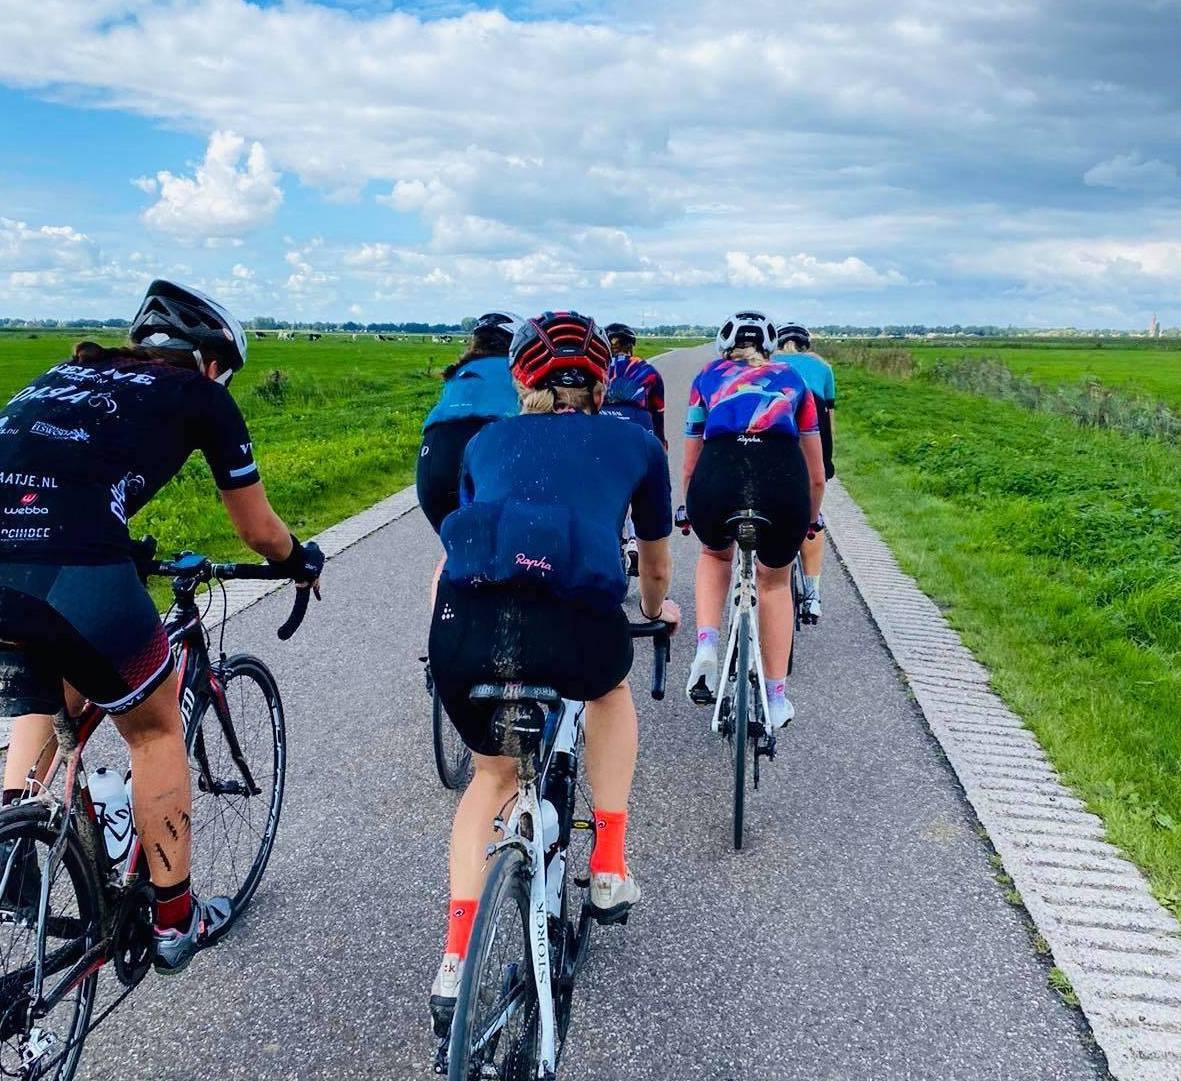 Motivatie om te blijven fietsen in de herfst en in tijden van corona